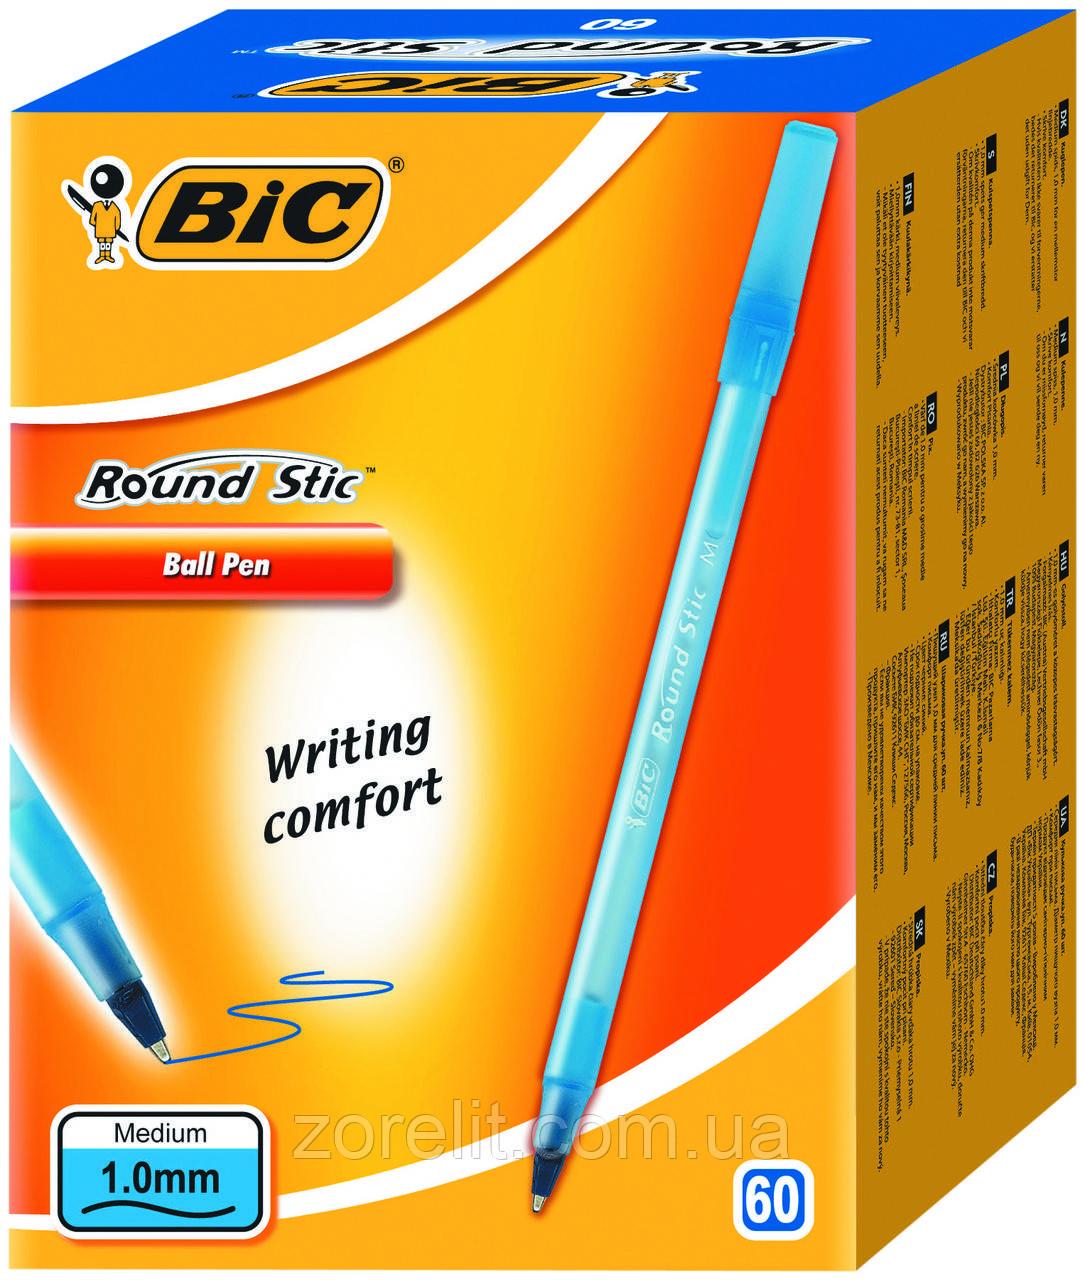 Ручка кулькова BIC раунд стік синя